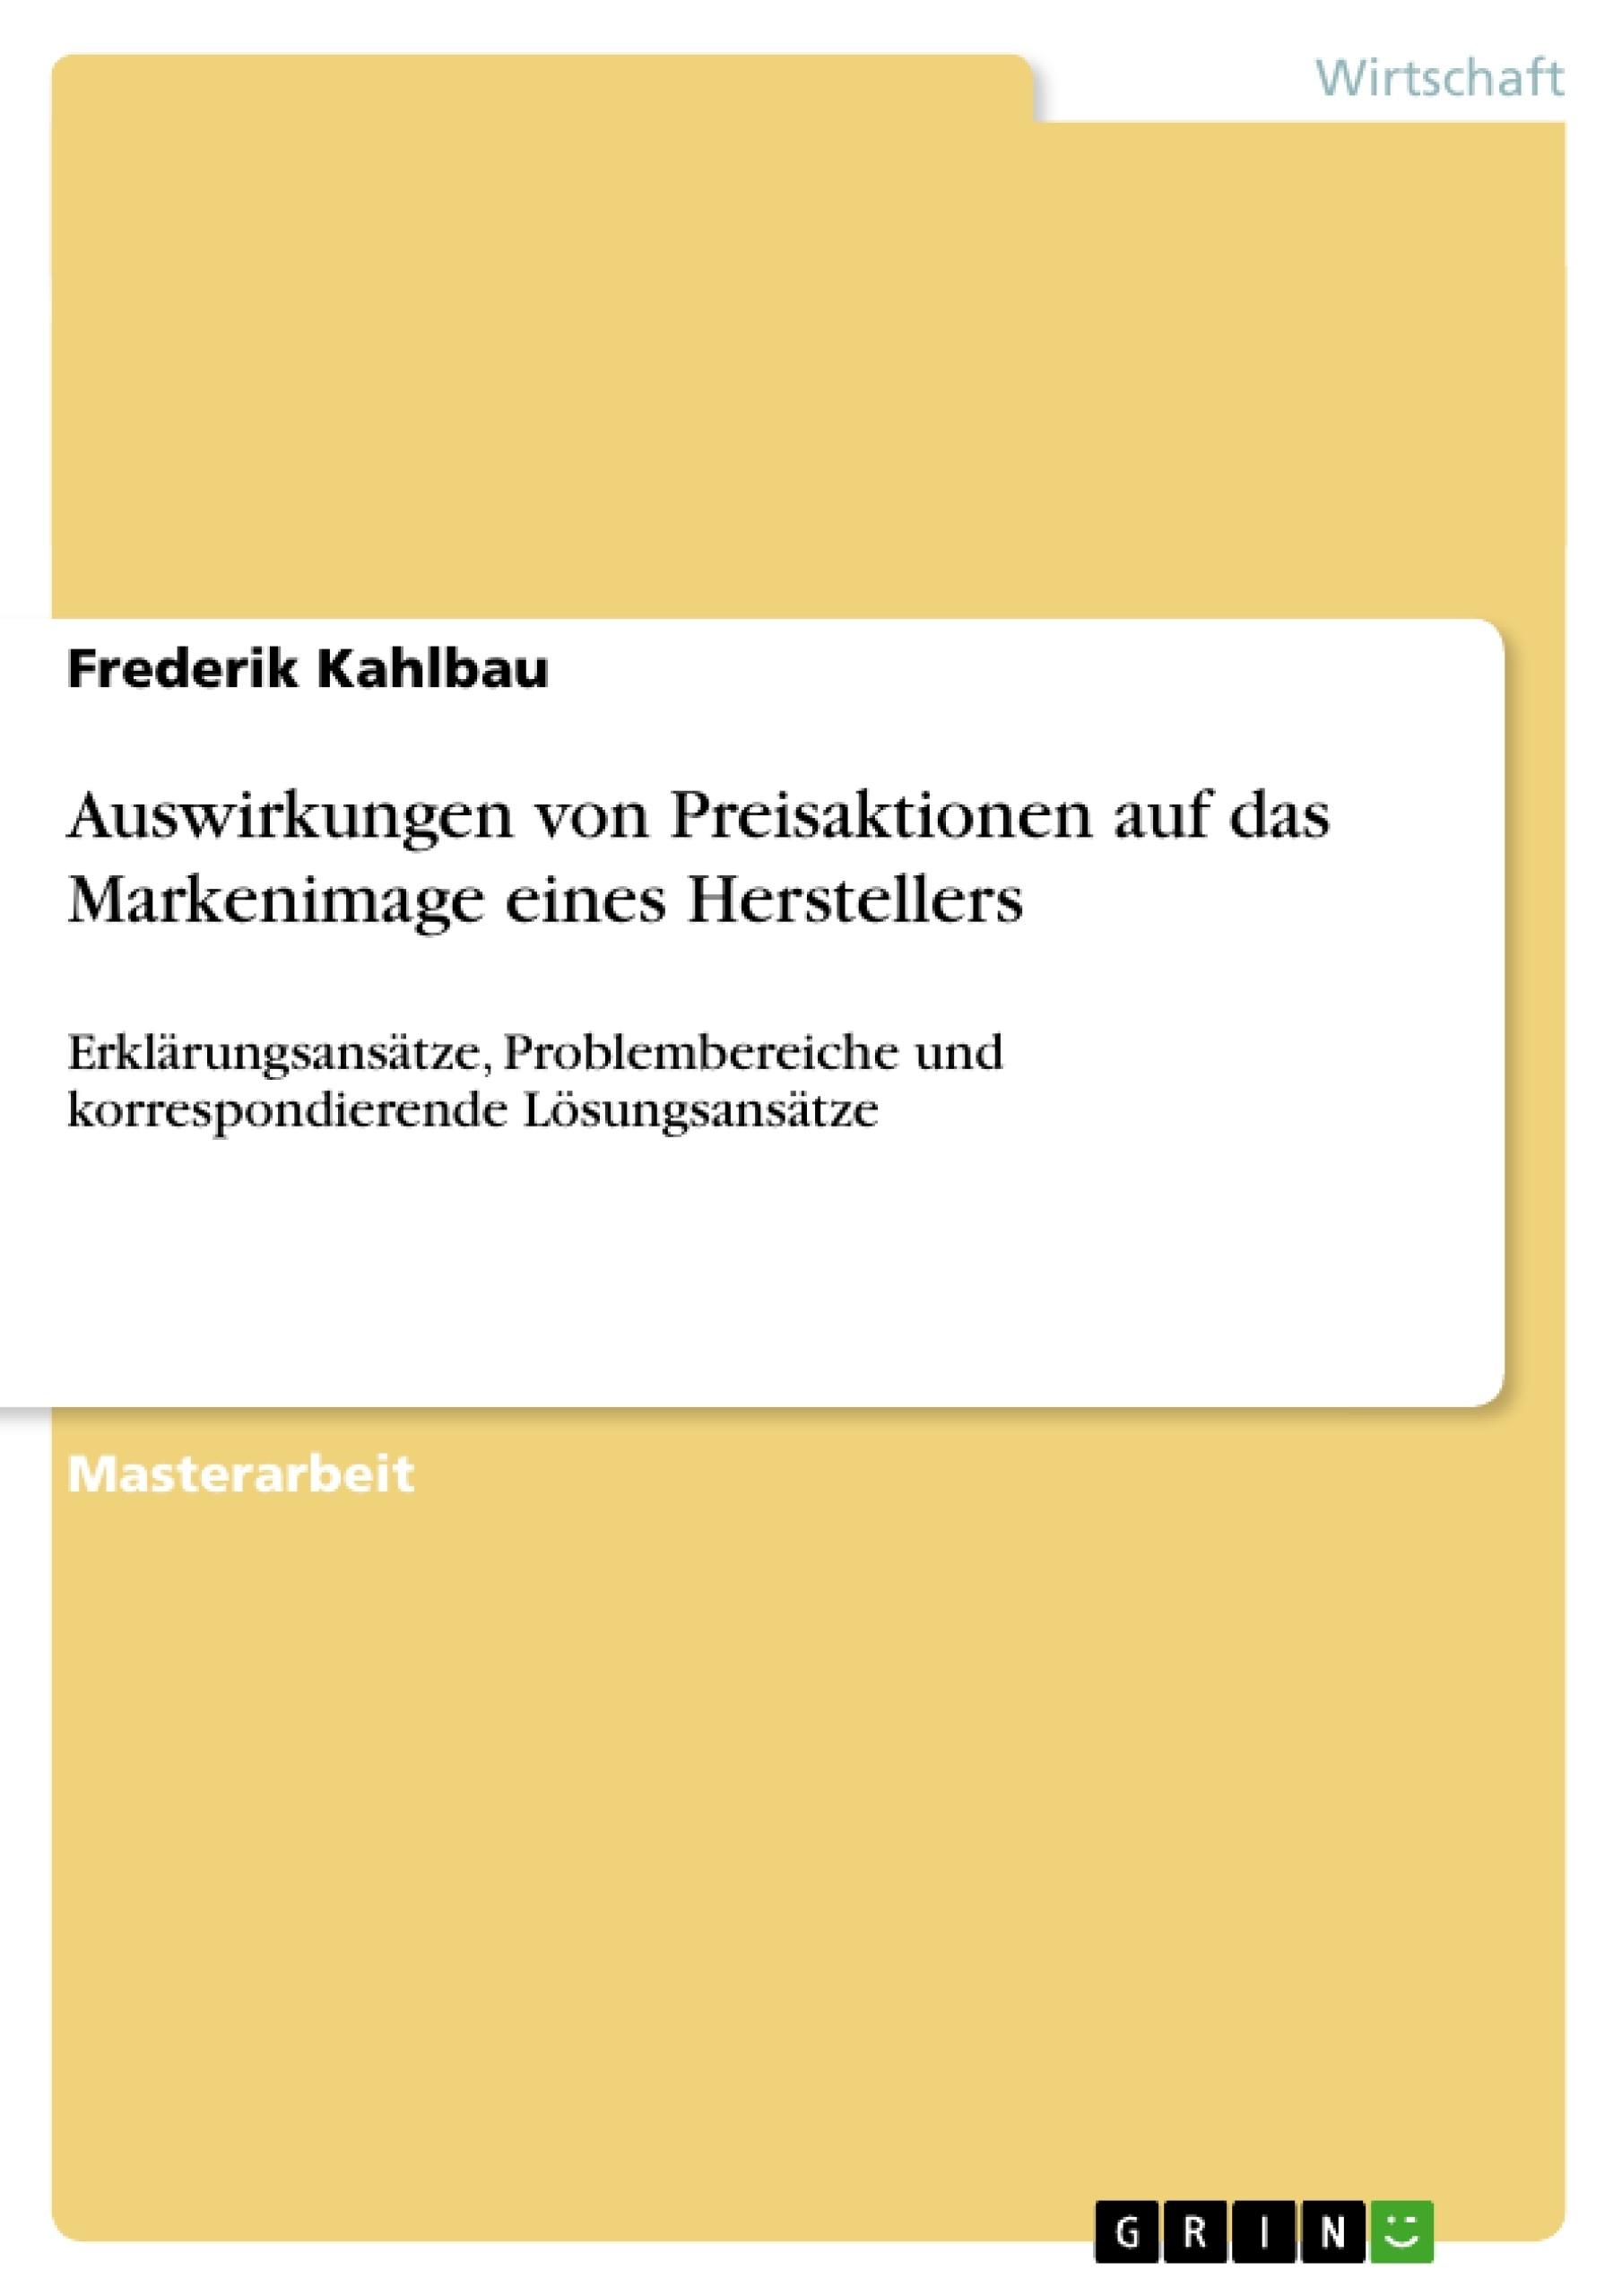 Titel: Auswirkungen von Preisaktionen auf das Markenimage eines Herstellers